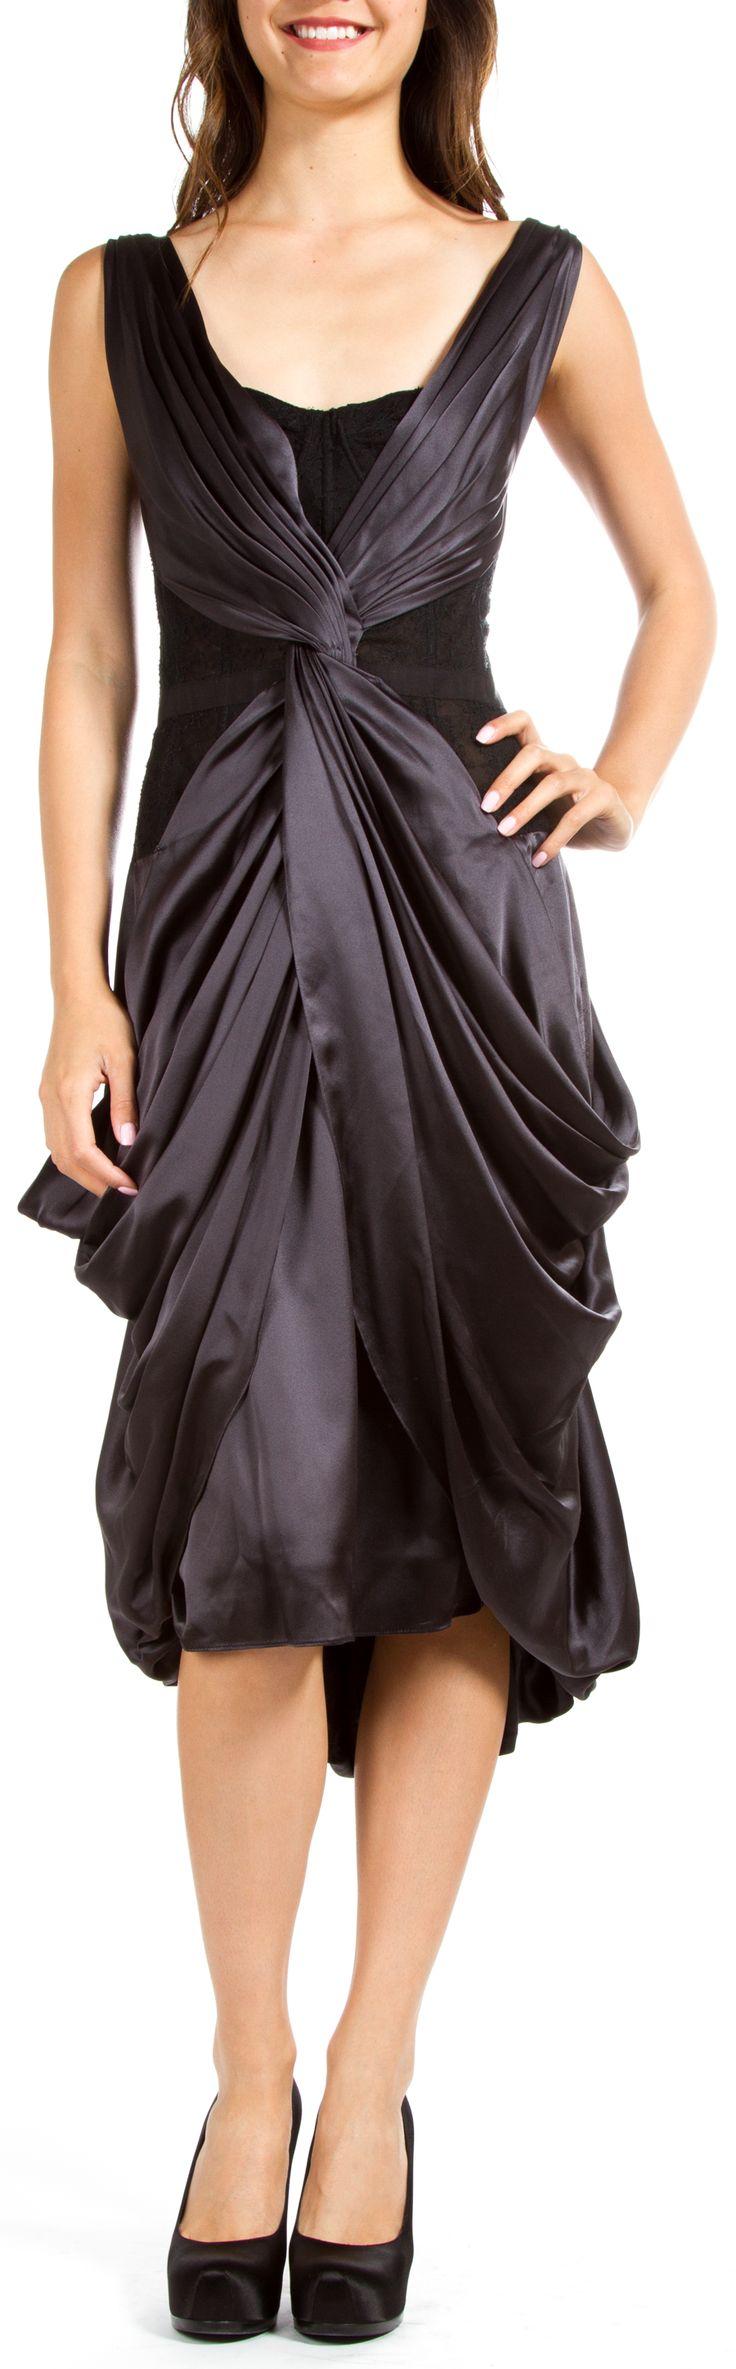 Monique Lhuillier  Dress @Michelle Coleman-HERS